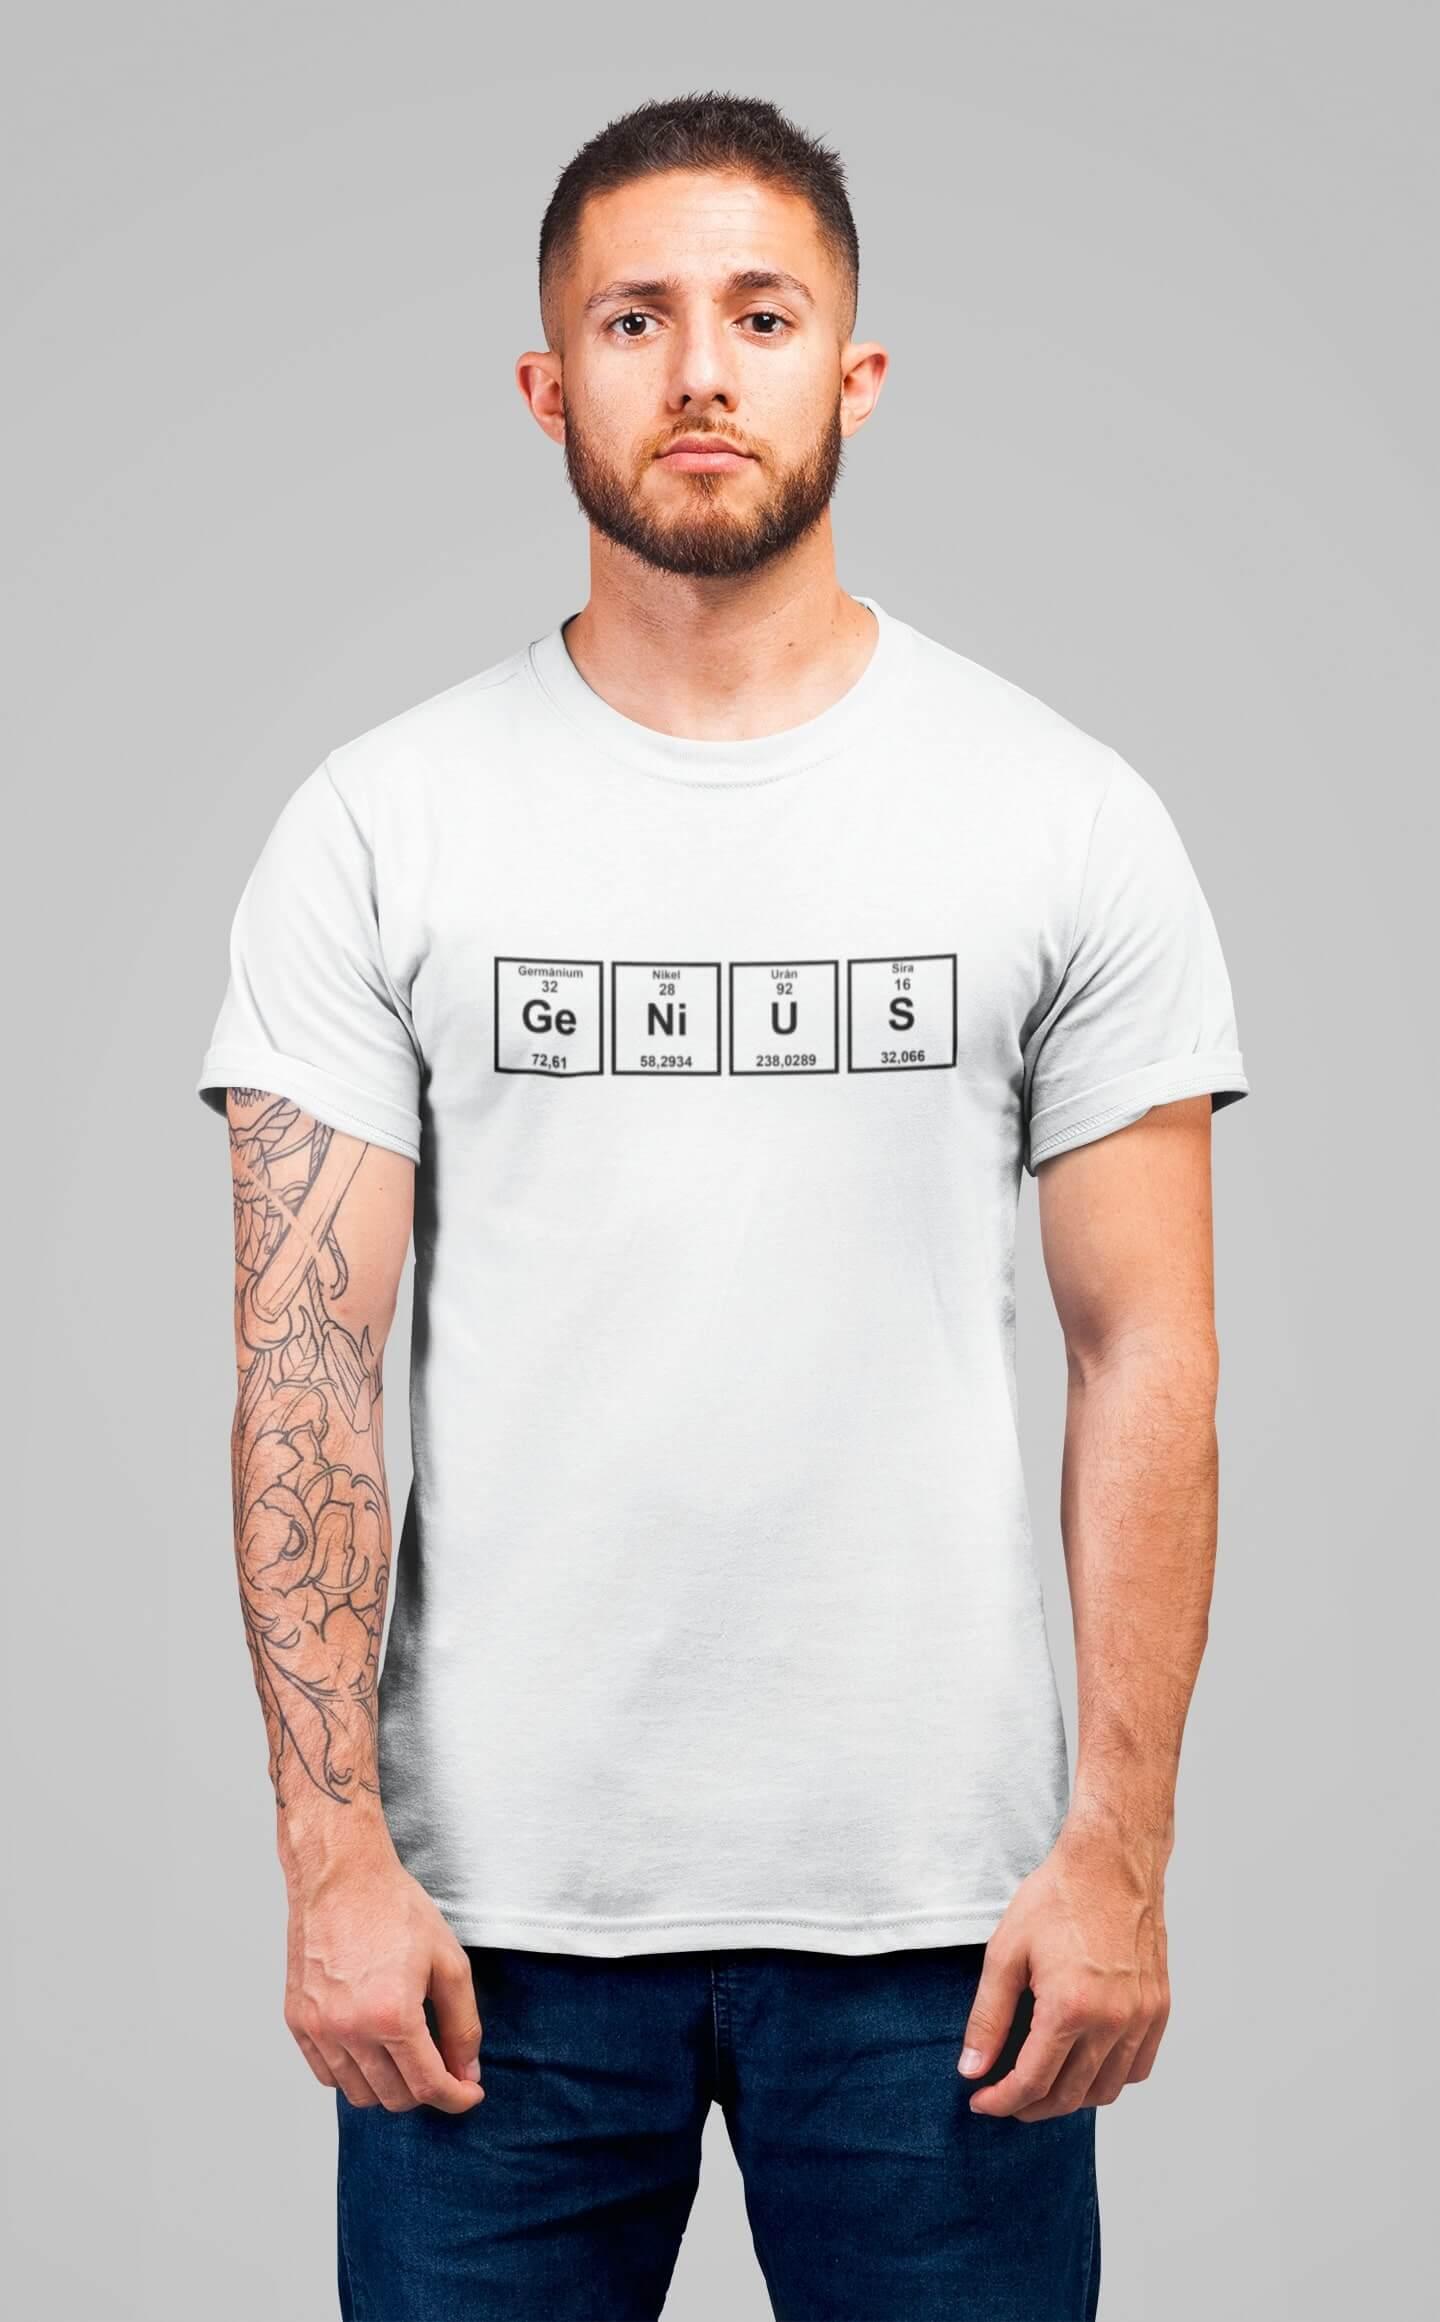 MMO Pánske tričko Genius Vyberte farbu: Biela, Vyberte veľkosť: XS